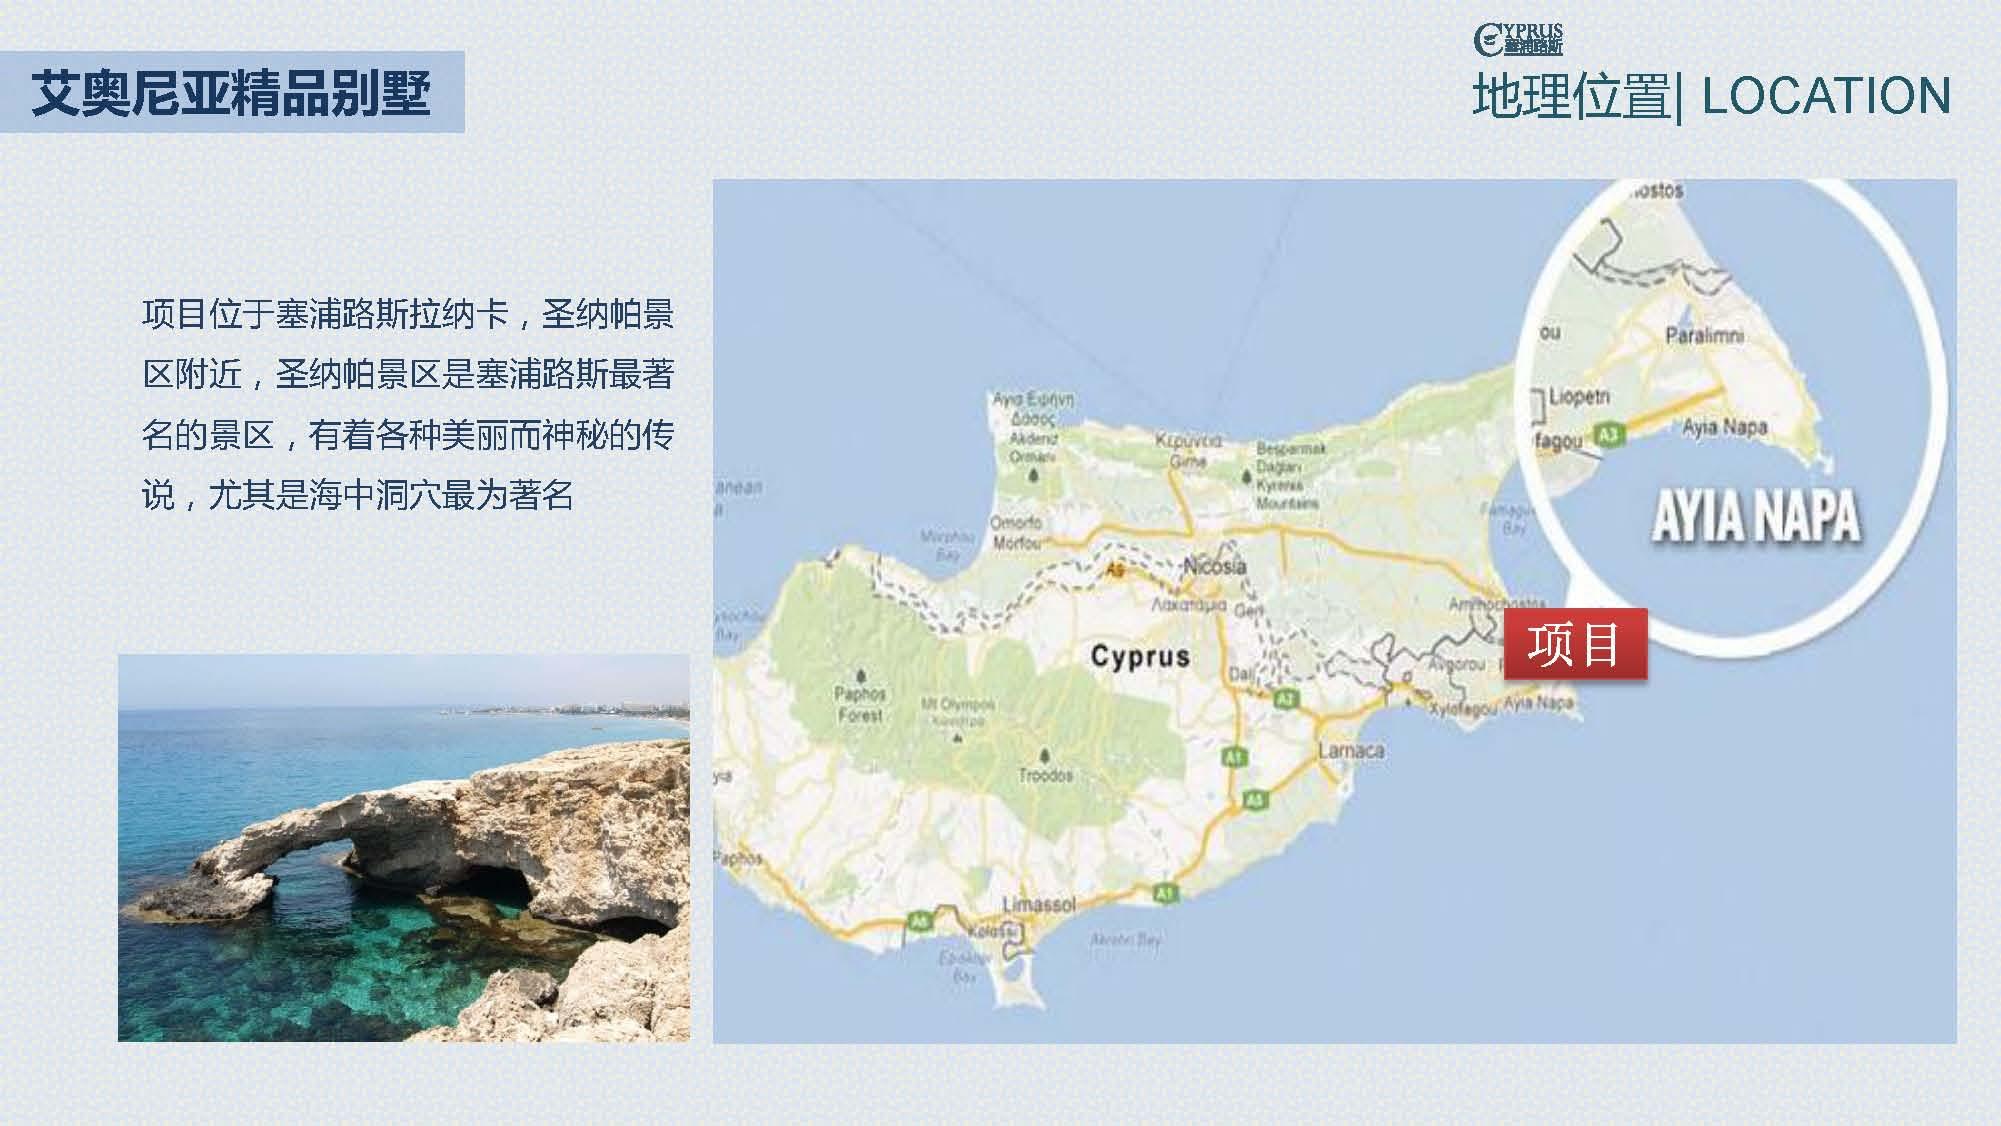 艾奥尼亚精品别墅 地理位置 项目位于塞浦路斯拉纳卡,圣纳帕景区附近